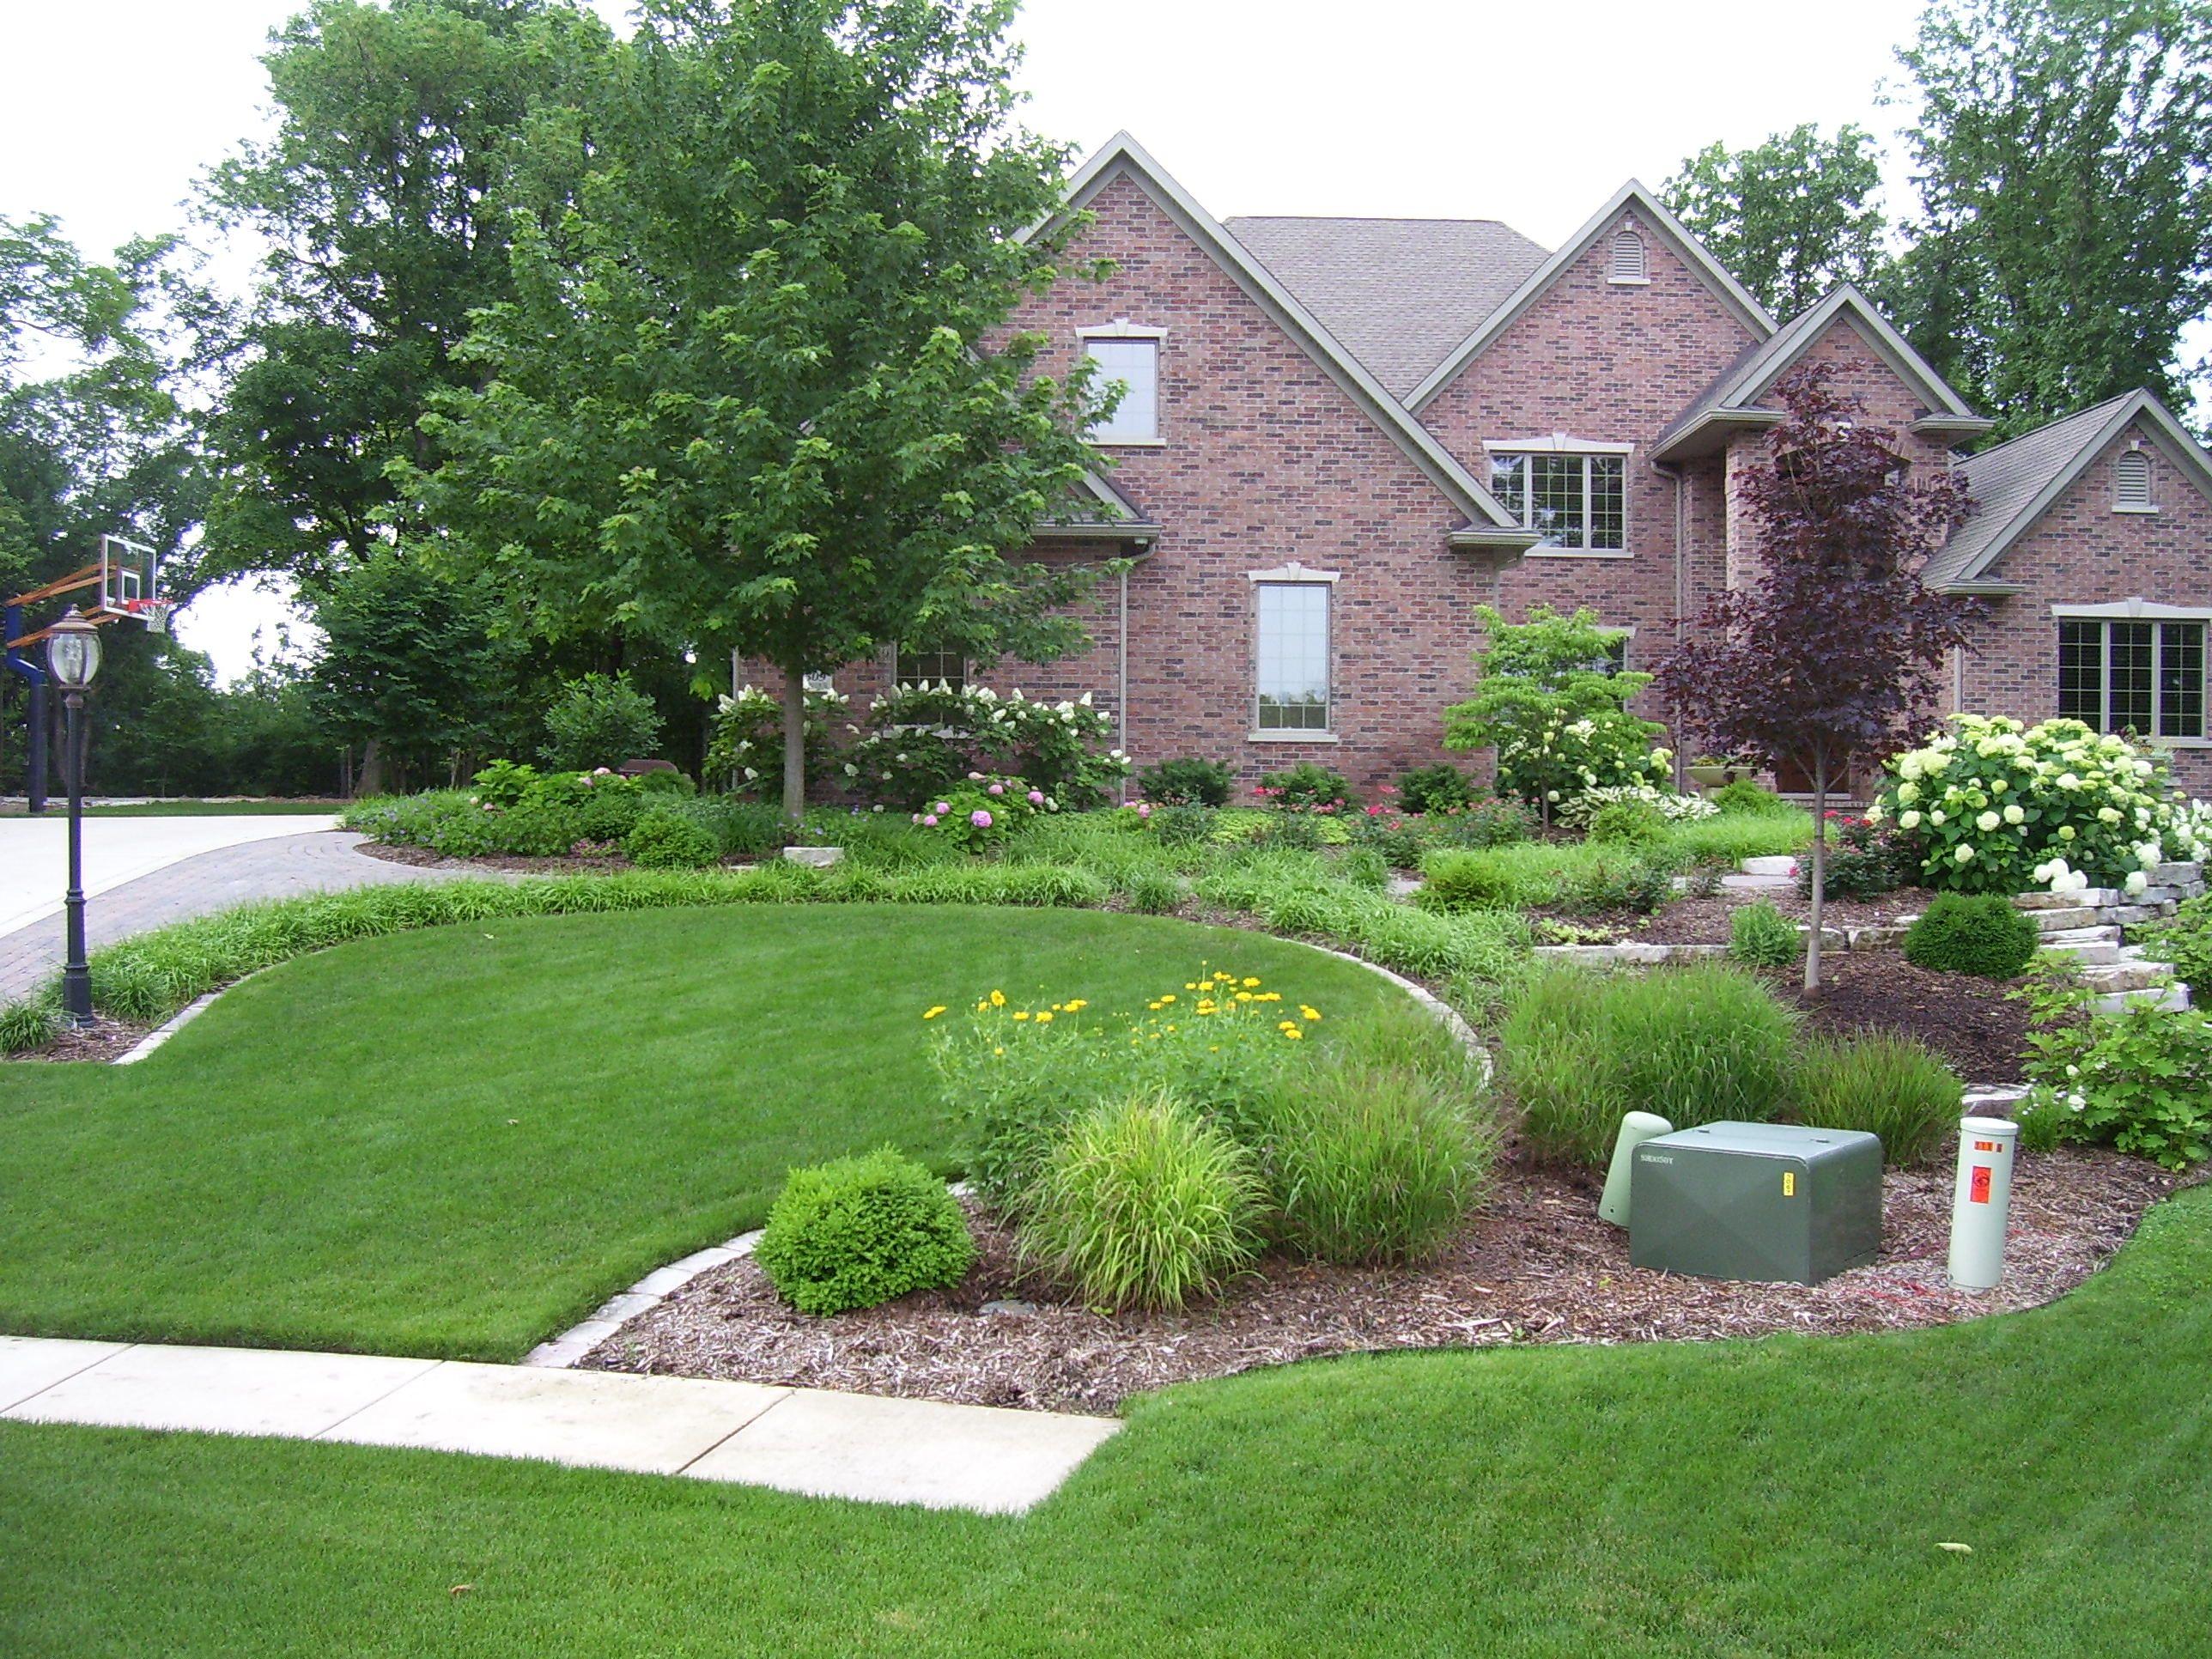 backyard easement ideas drainage easement backyard ideas backyard easement ideas 28. Black Bedroom Furniture Sets. Home Design Ideas